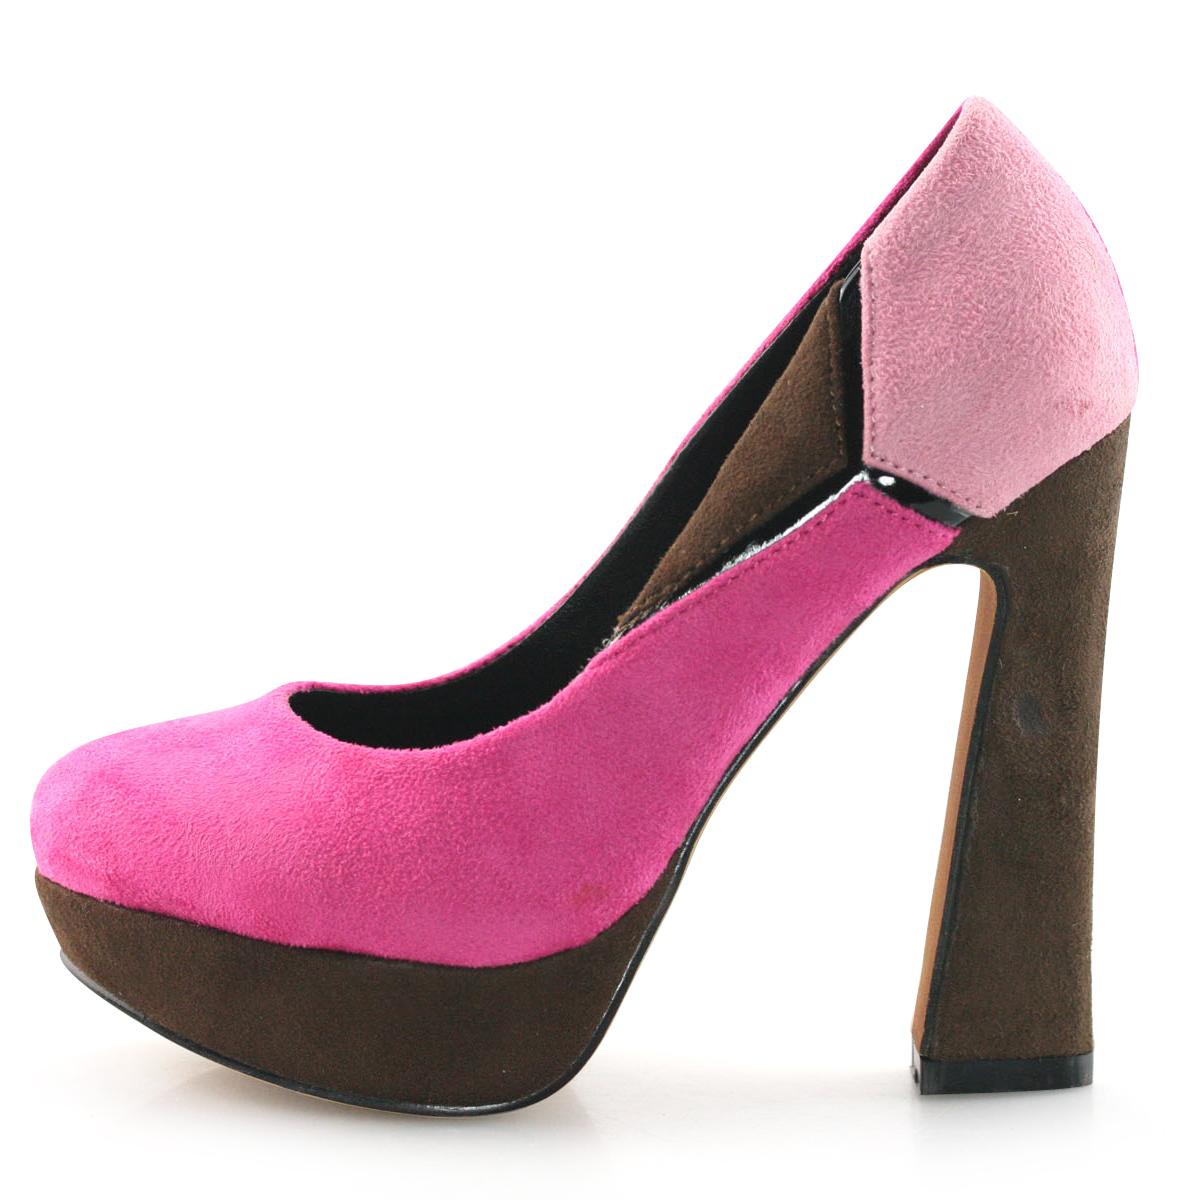 womens fuchsia pink high heels platform pumps